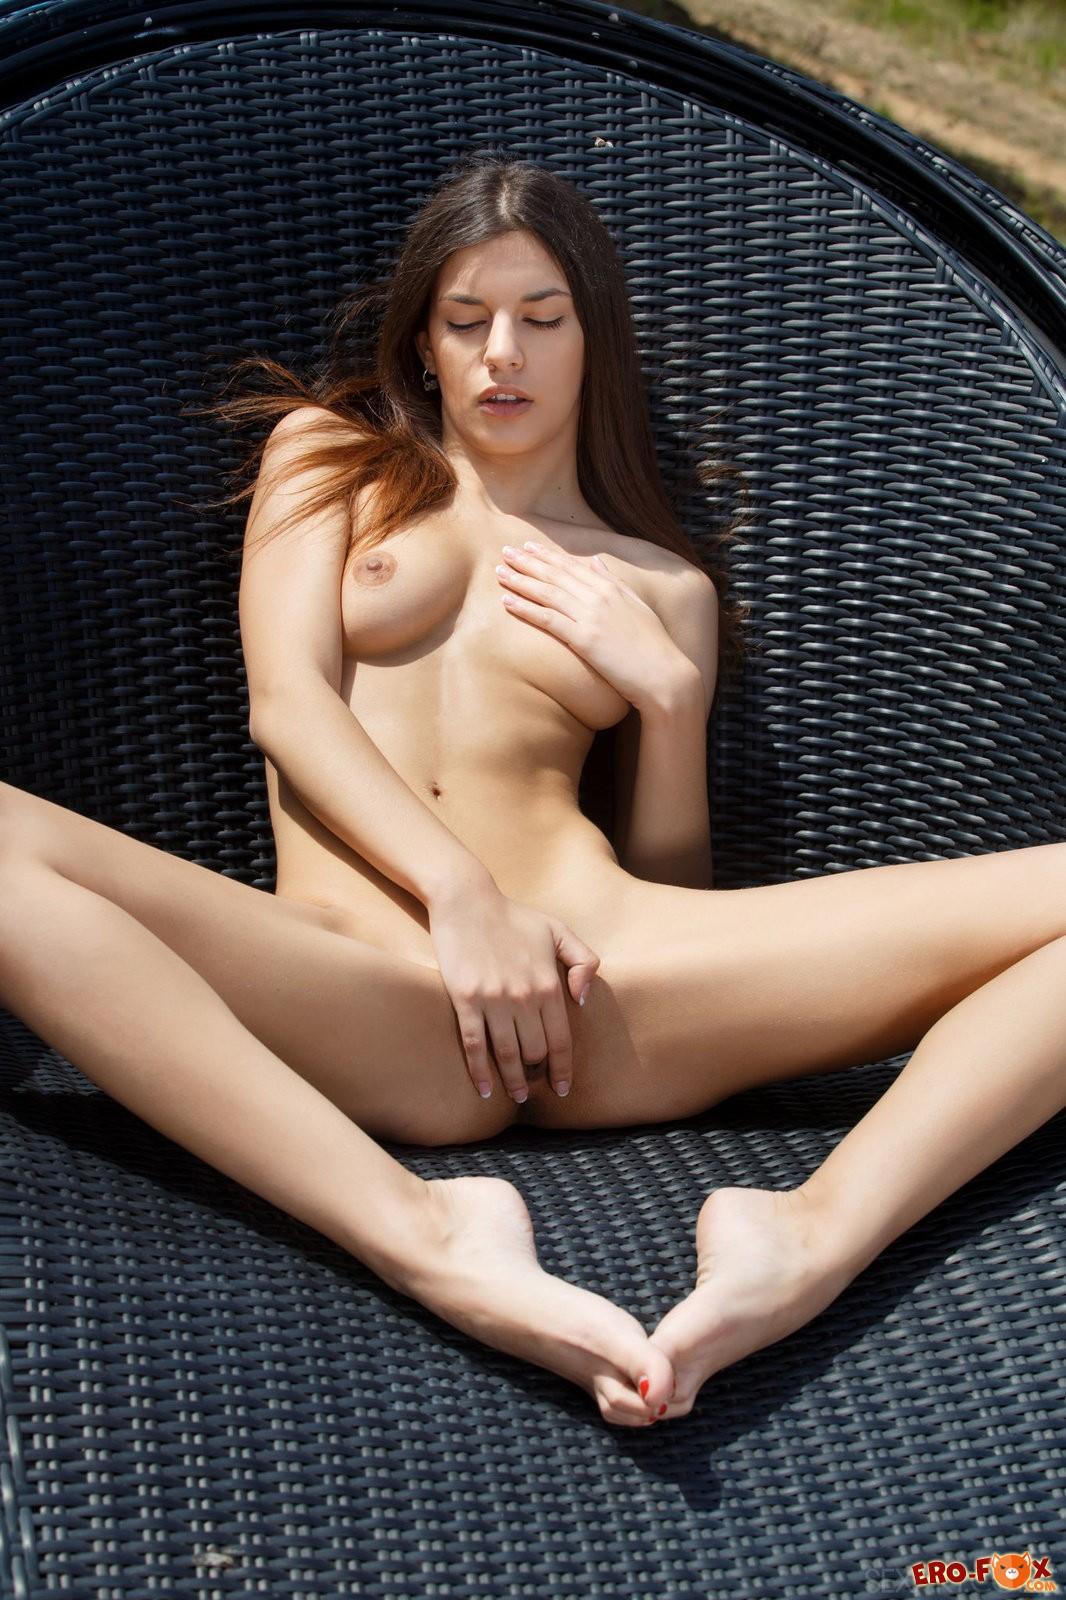 Красивая девушка снимает купальник возле бассейна .